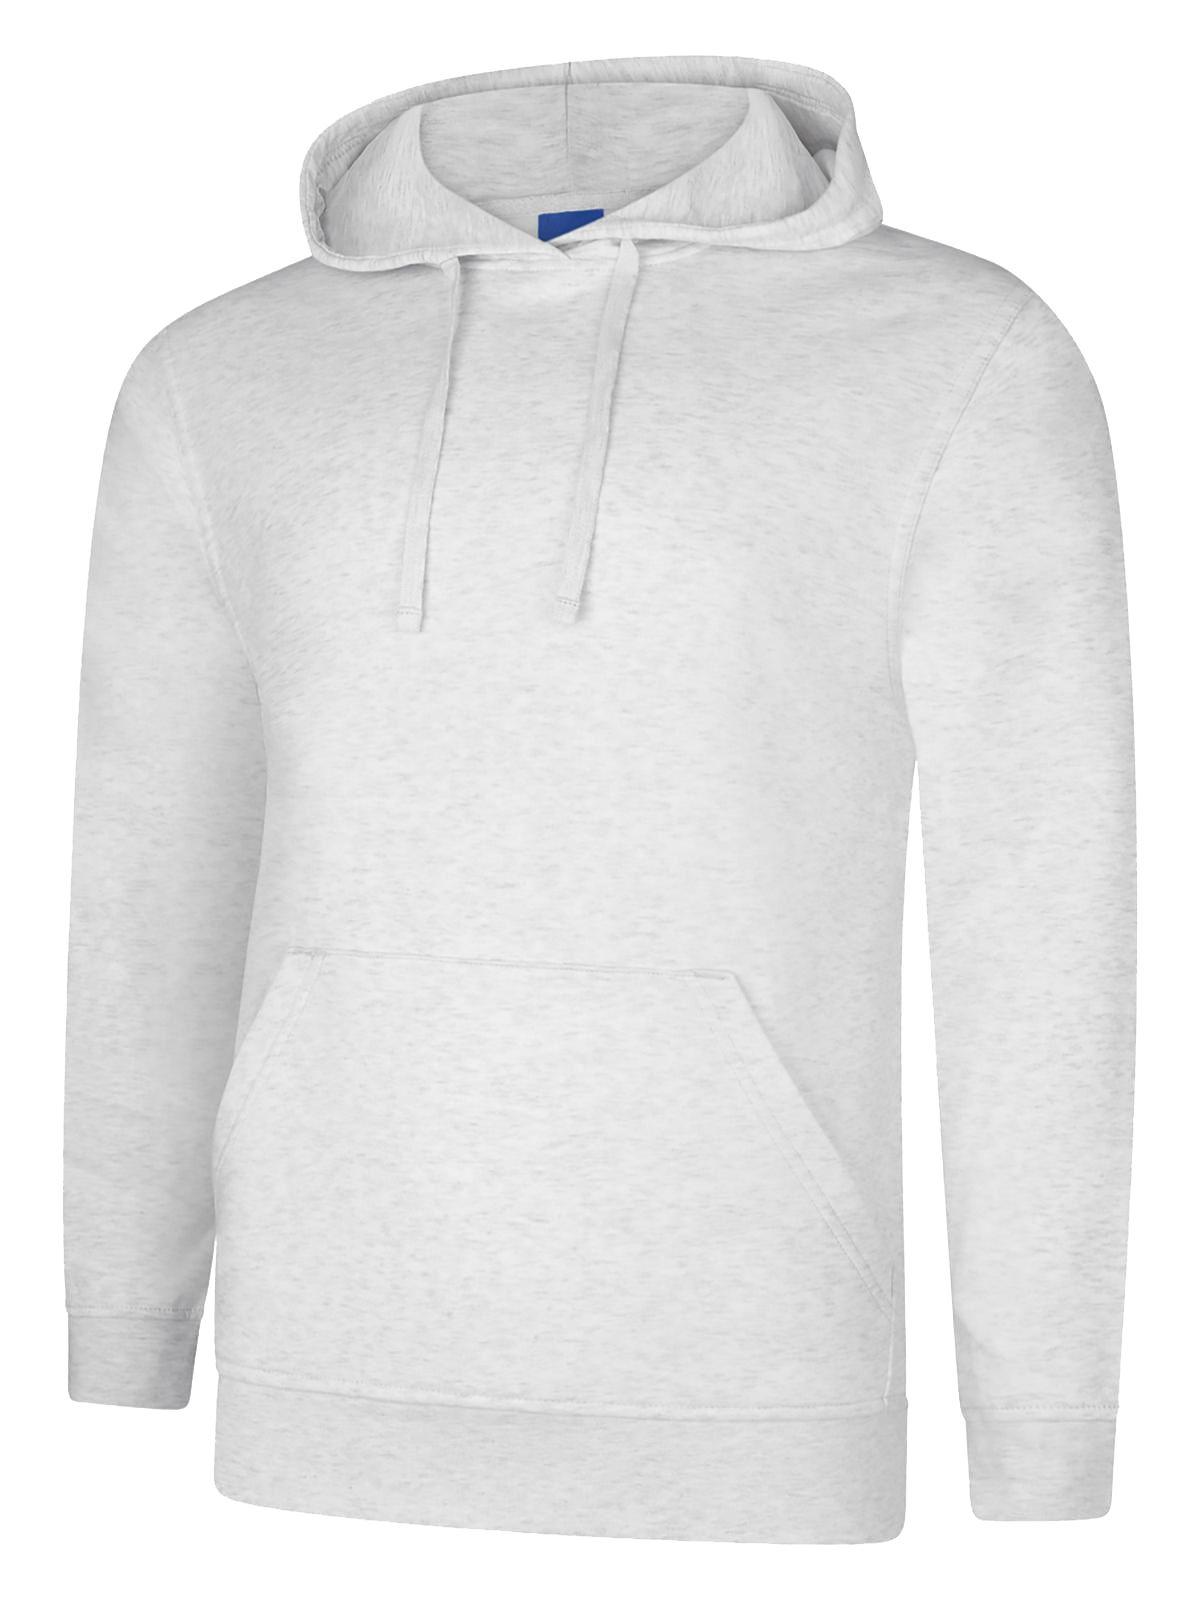 Mens Womens Super Soft Deluxe Hooded Sweatshirt Hoodie